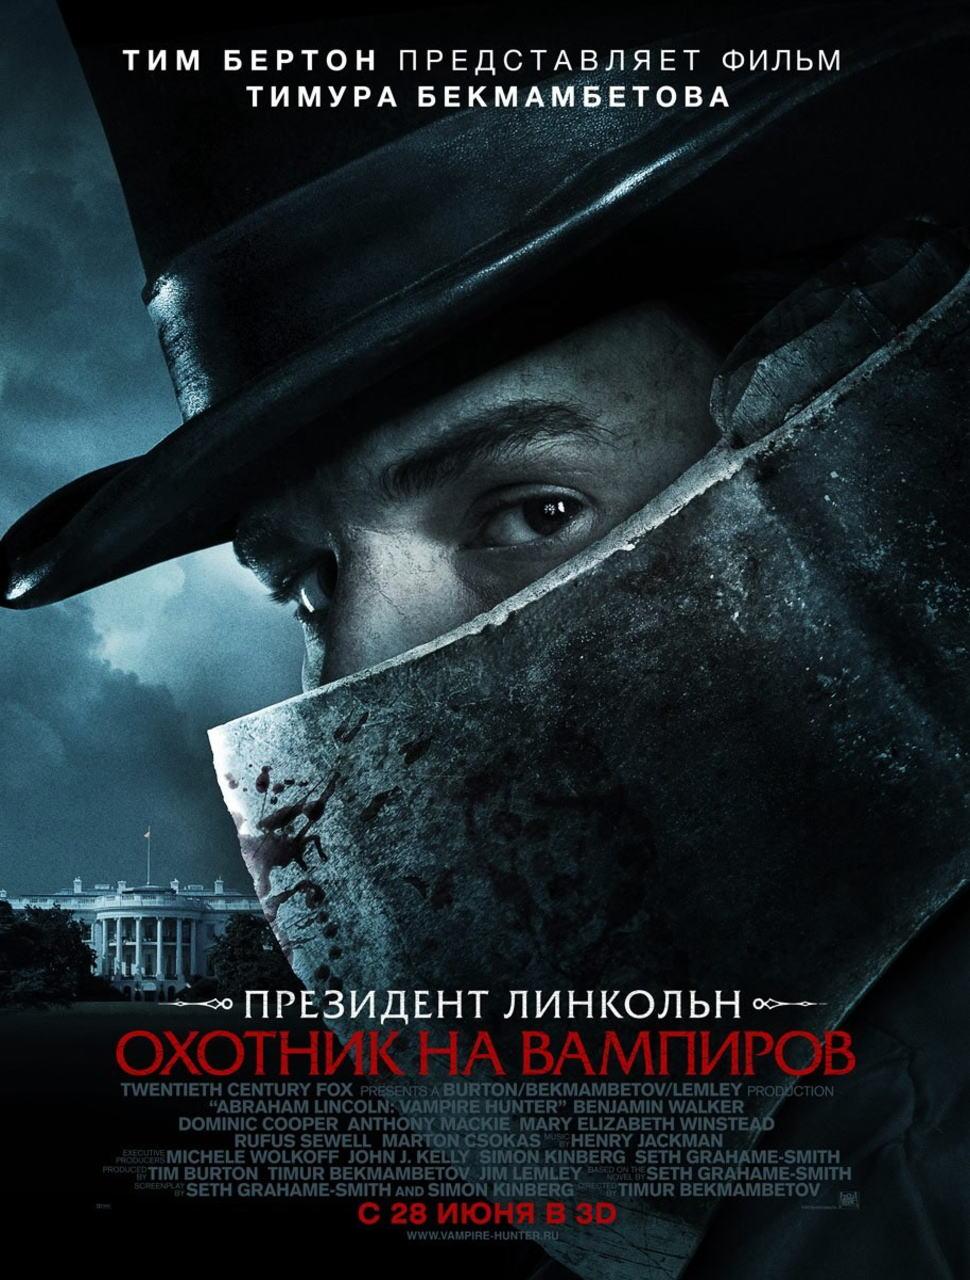 映画『リンカーン/秘密の書 ABRAHAM LINCOLN: VAMPIRE HUNTER』ポスター(4) ▼ポスター画像クリックで拡大します。